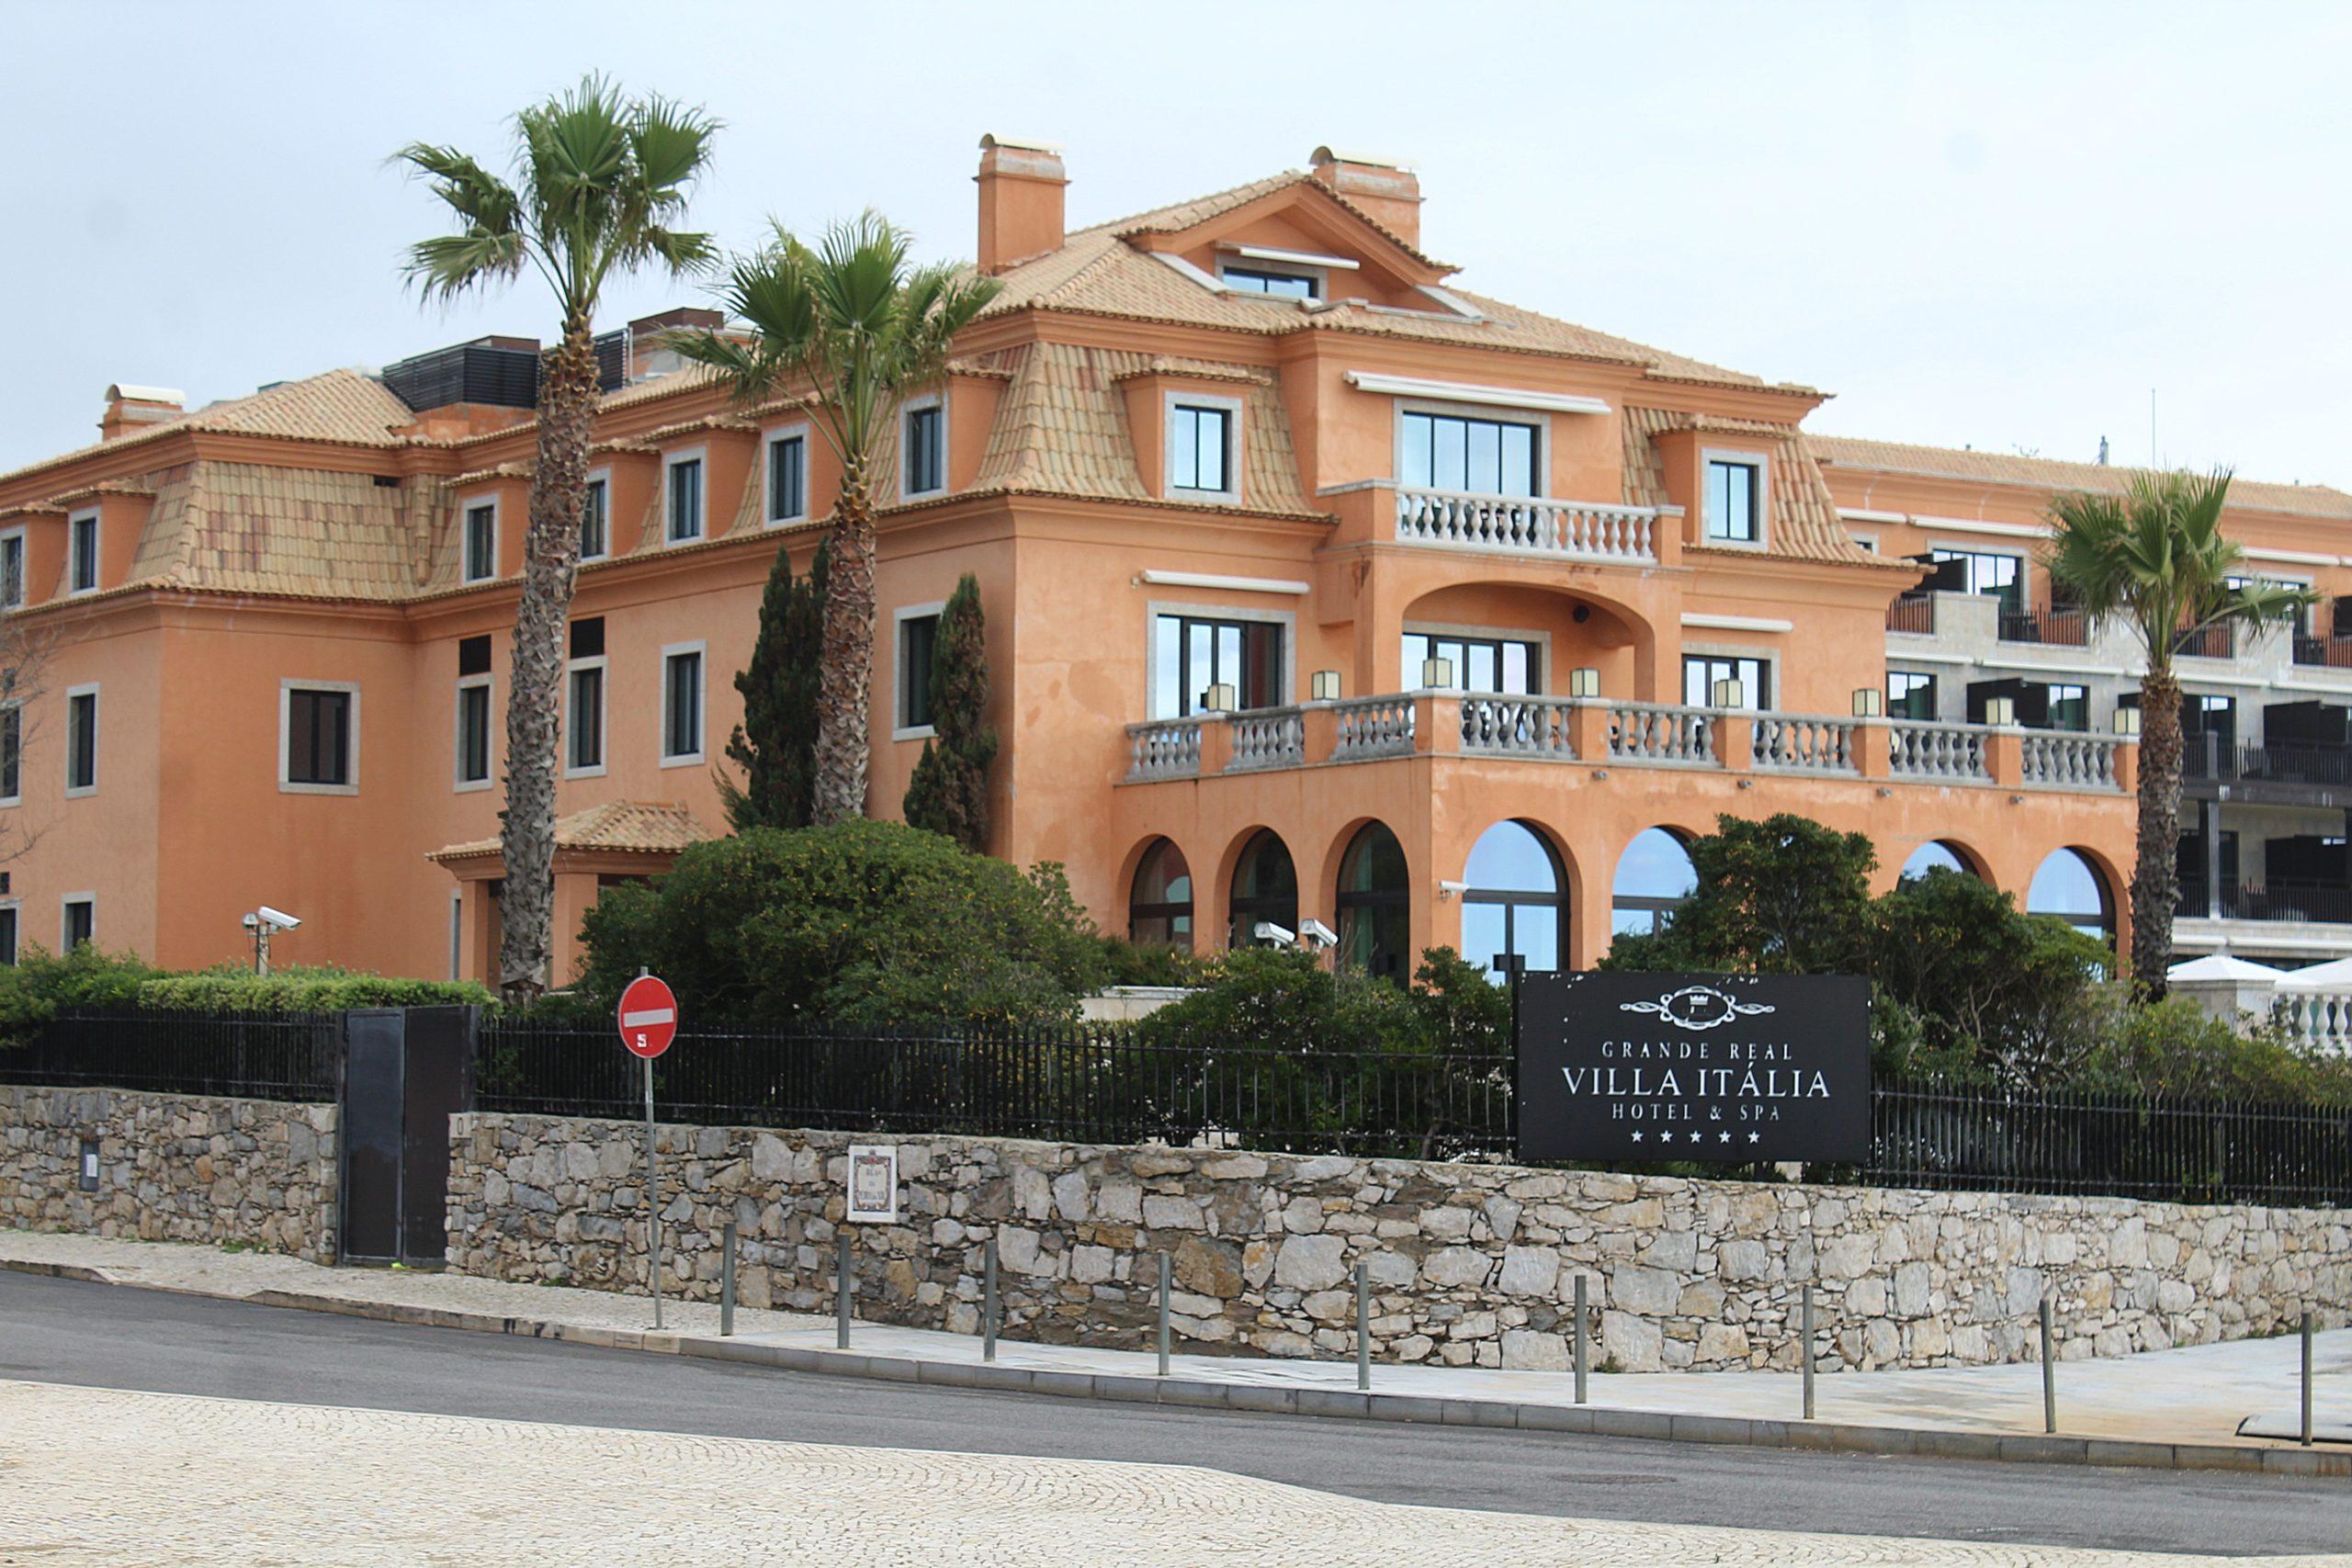 Real Villa Italia Hotel